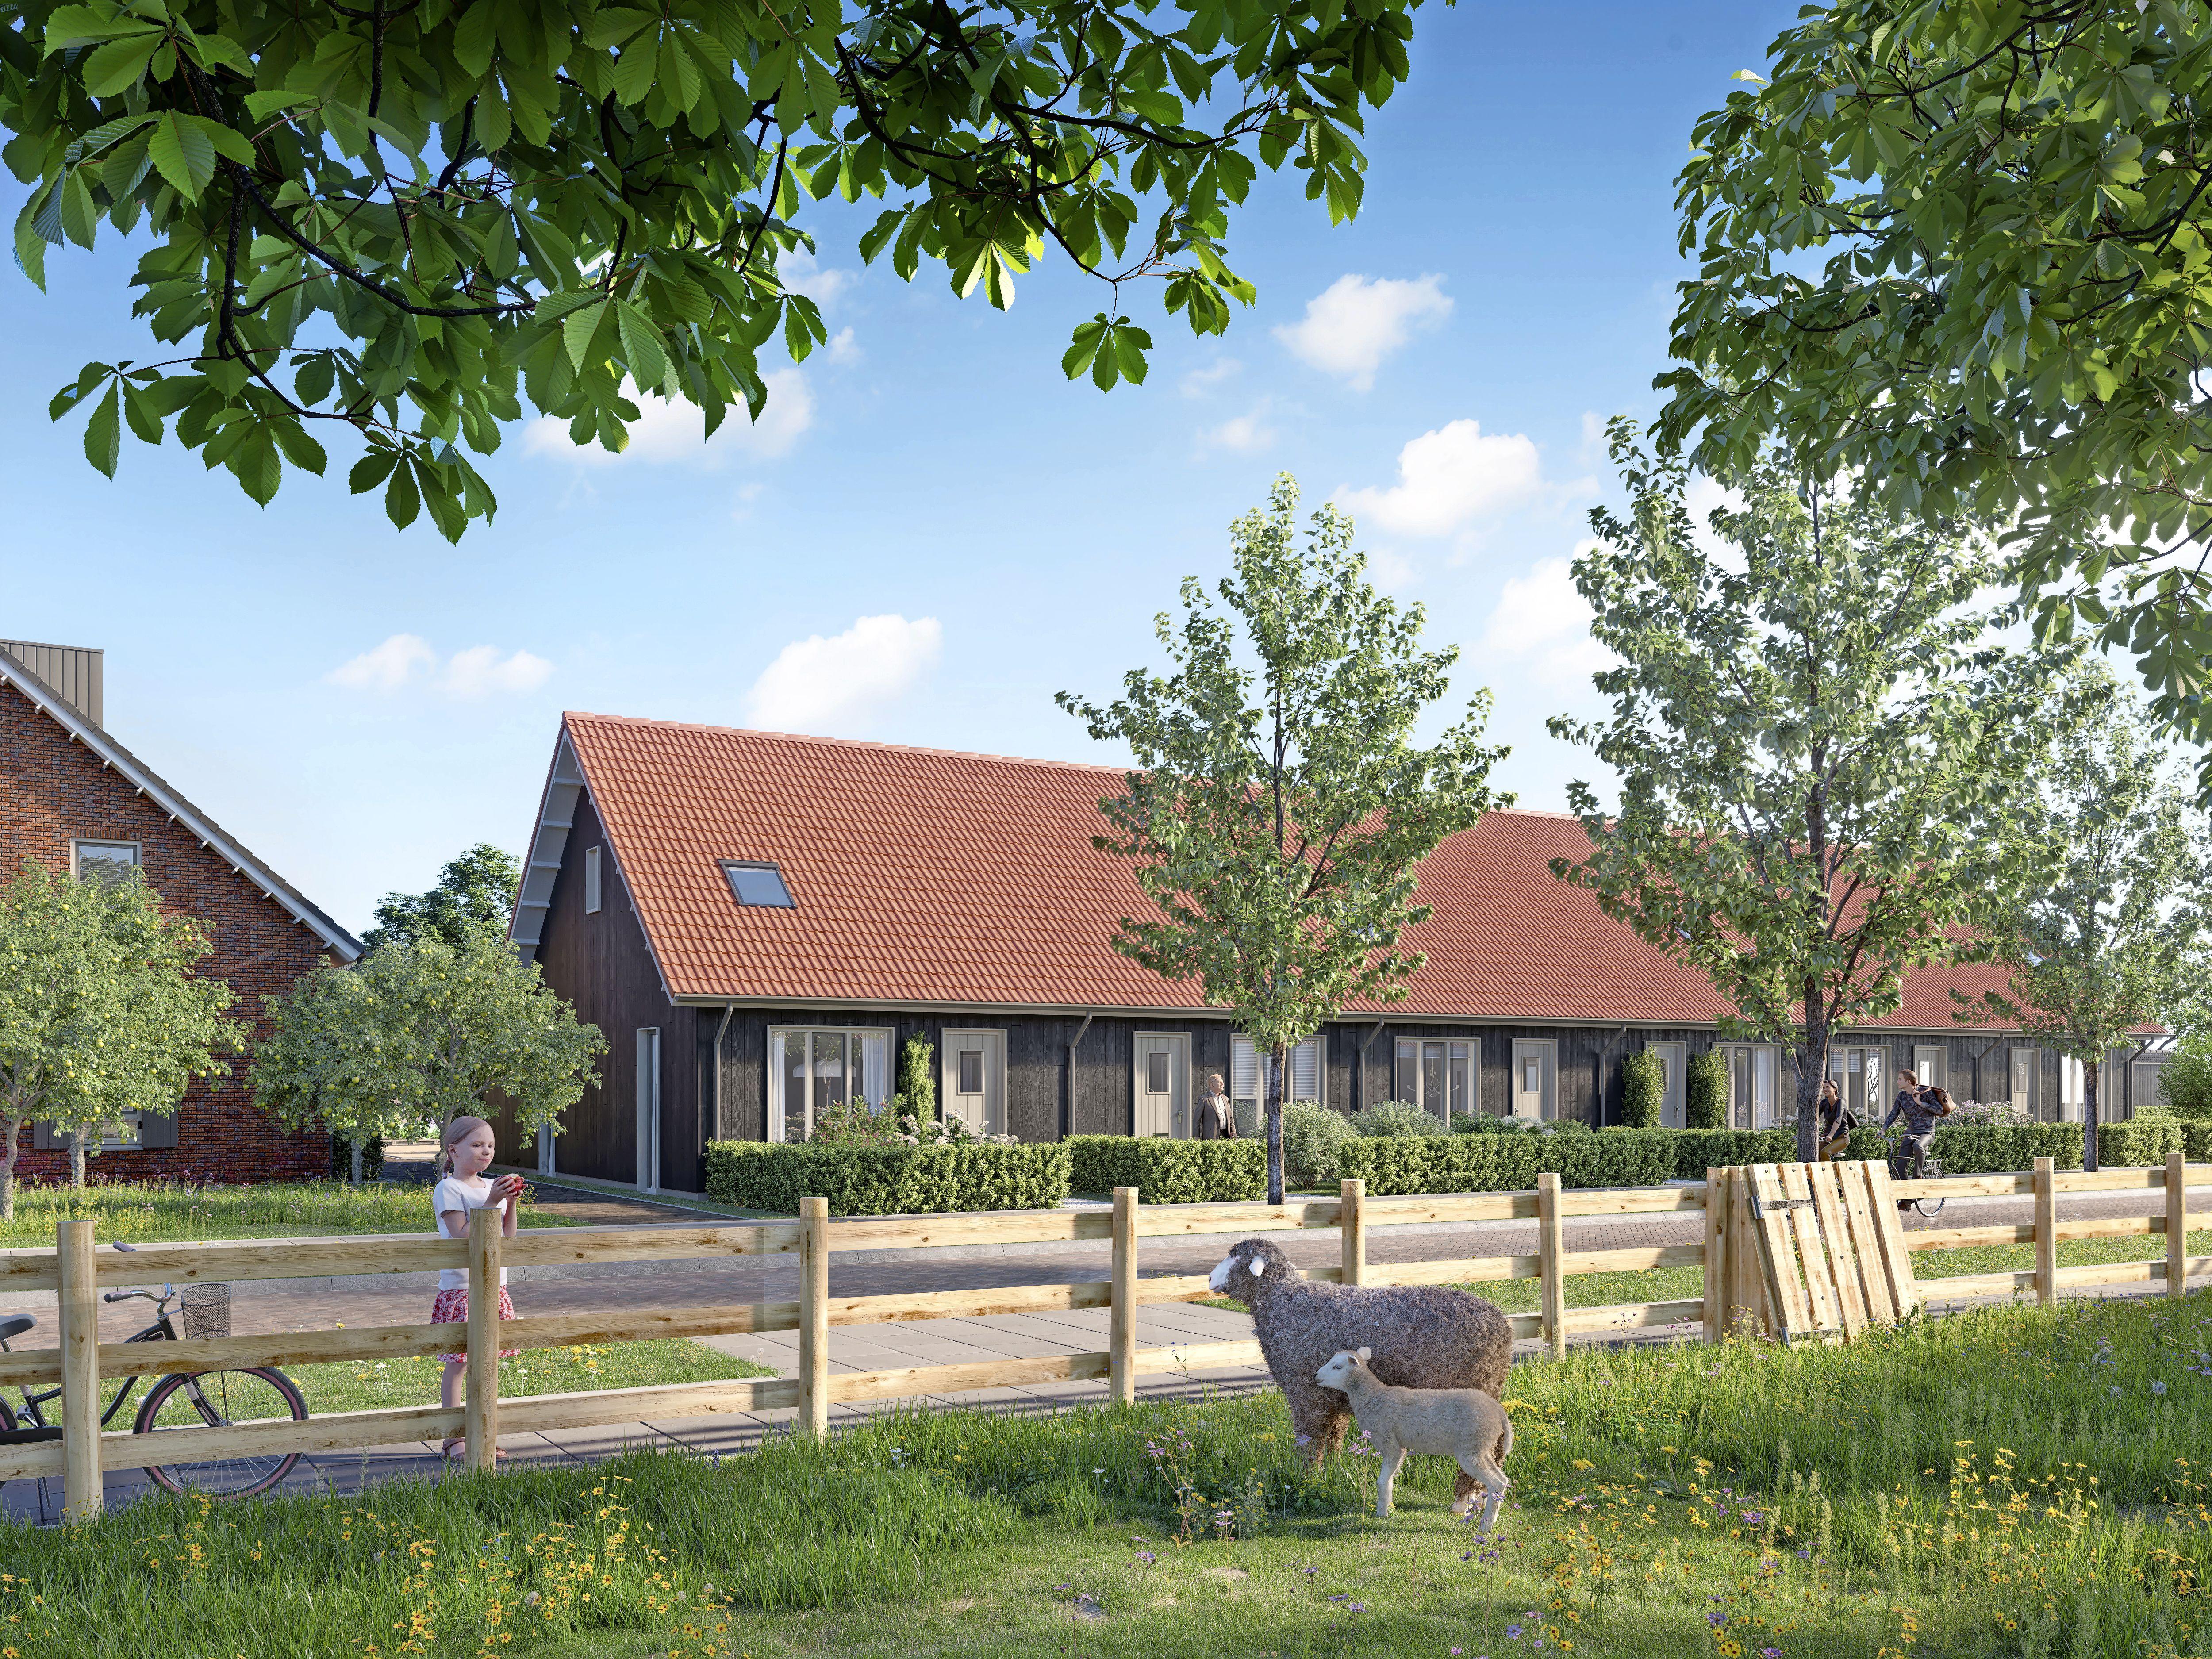 Veel interesse voor woningen in groene en sociale wijk Hugo's Tuin in Heerhugowaard. 'Het is niet te geloven. Er waren 518 inschrijvingen voor 39 woningen'